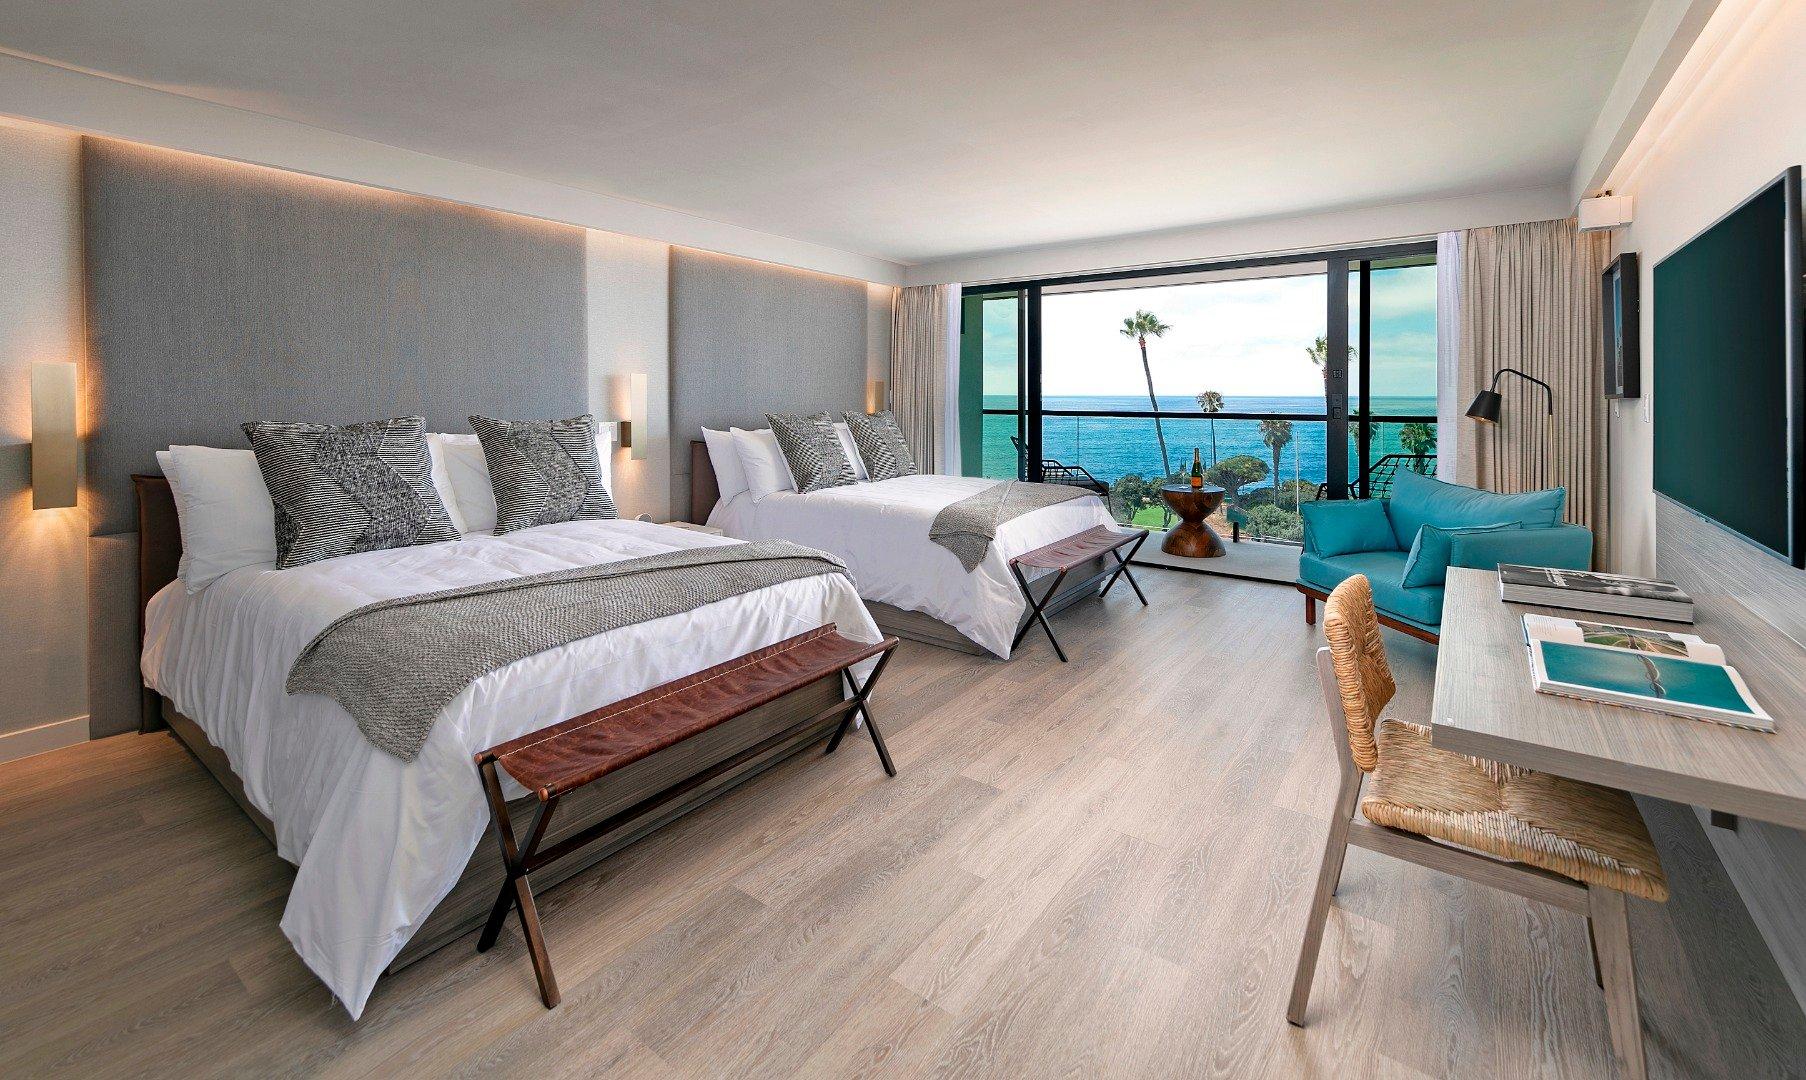 PINES OCEANFRONT 2-BEDROOM SUITE